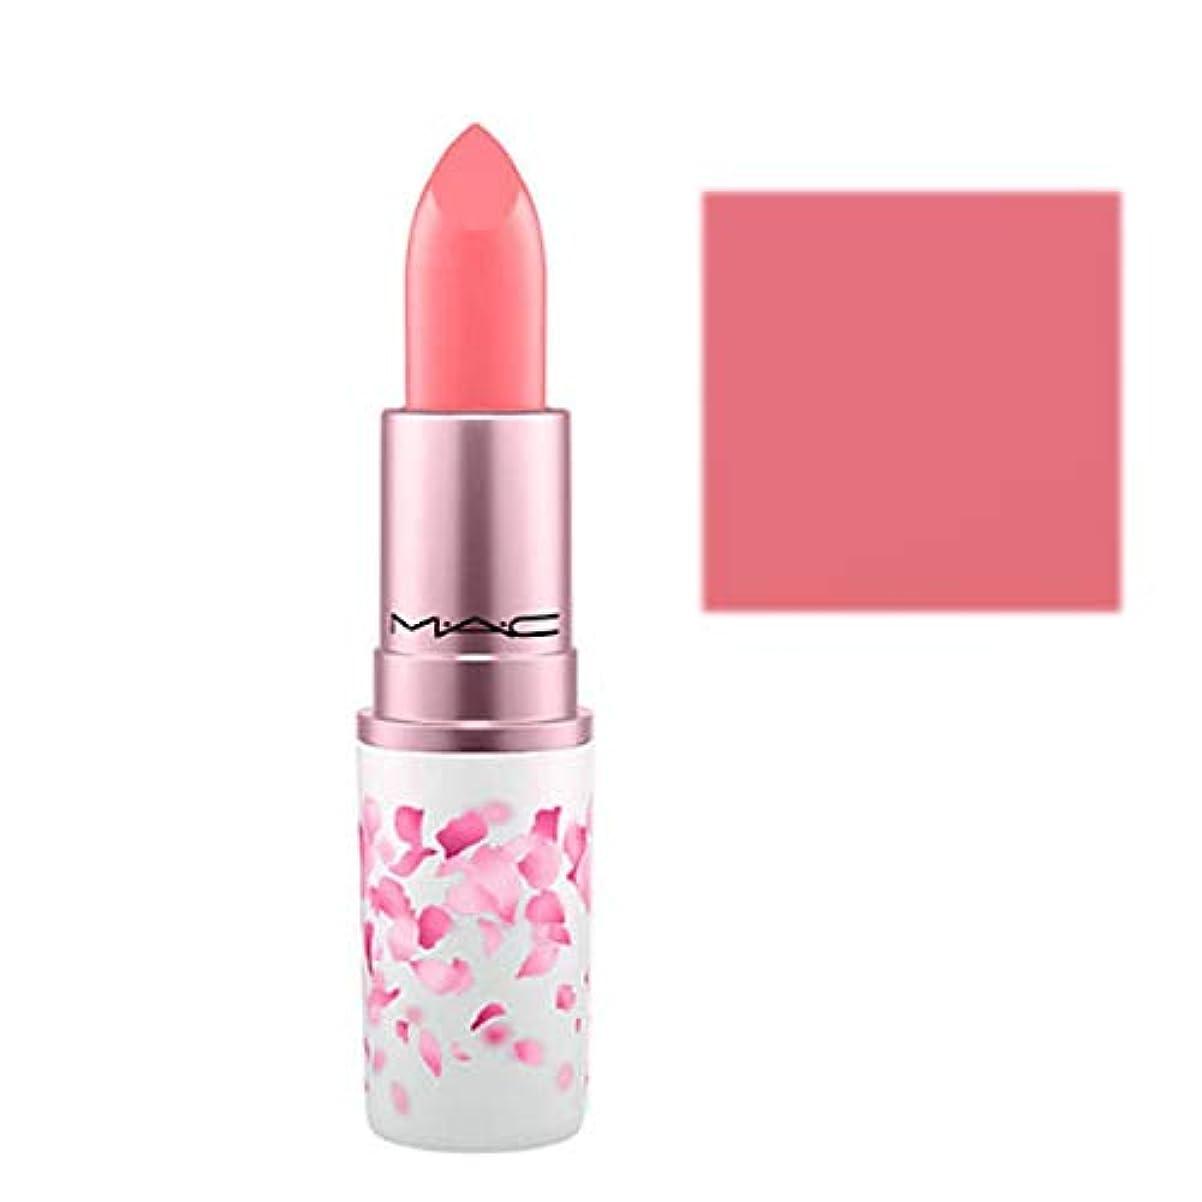 参加者フェロー諸島苦痛M.A.C ?マック, 限定版, 2019 Spring, Lipstick/Boom, Boom, Bloom - Hi-Fructease [海外直送品] [並行輸入品]